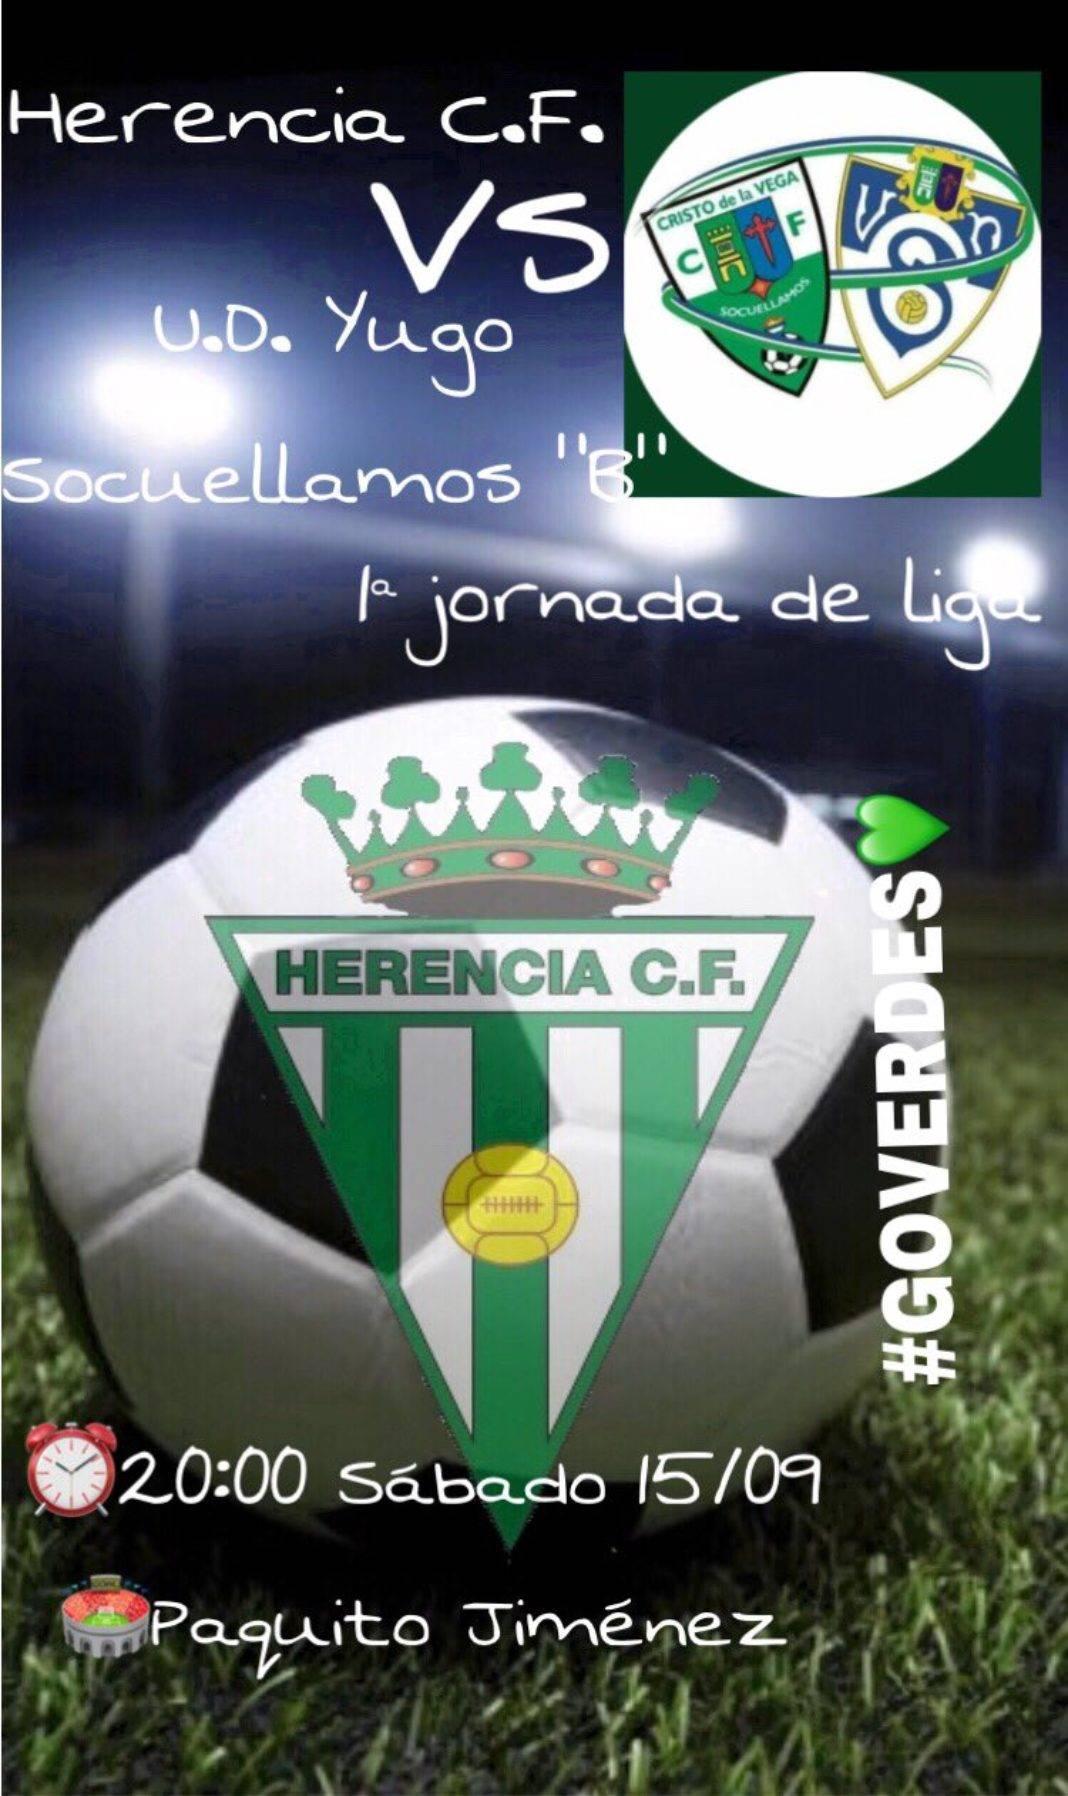 paquito jimenez socuellamos partido futbol 1068x1796 - Herencia C.F. se enfrentará al U.D. Yugo en el Paquito Jiménez